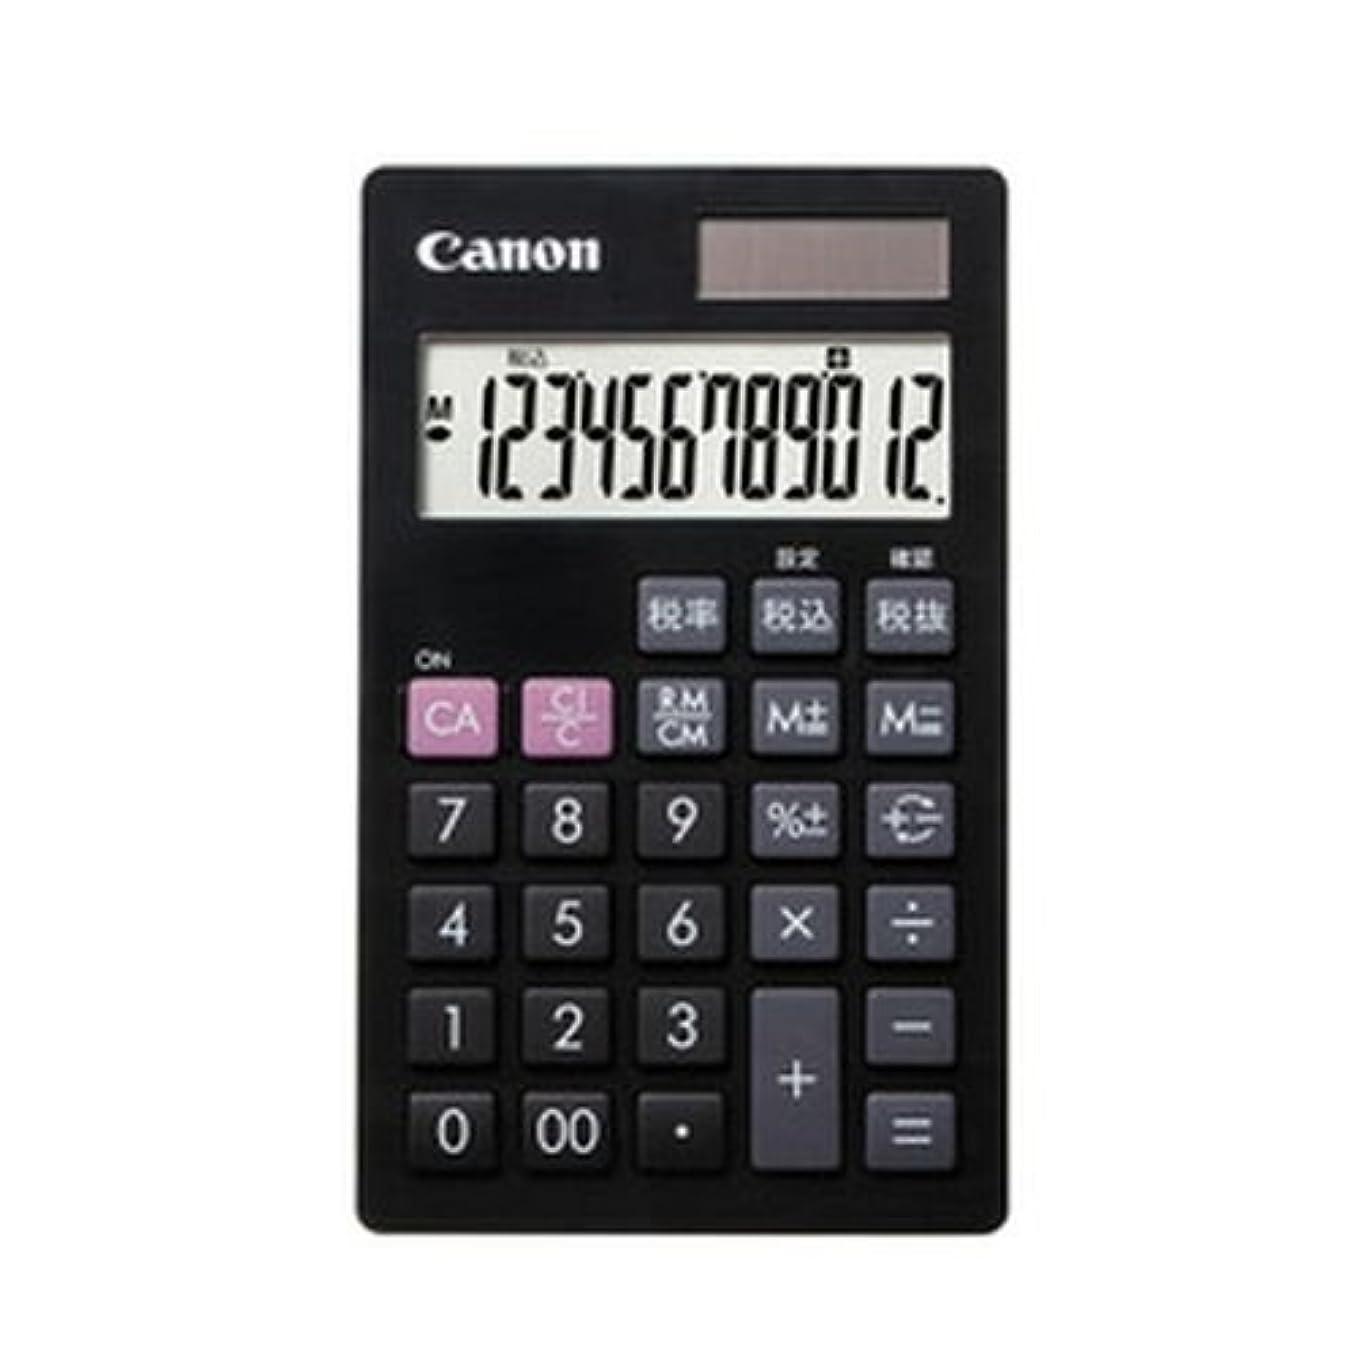 範囲あご気分が悪いキヤノン 手帳サイズ電卓 12桁(ブラック)Canon LS-12T-BK